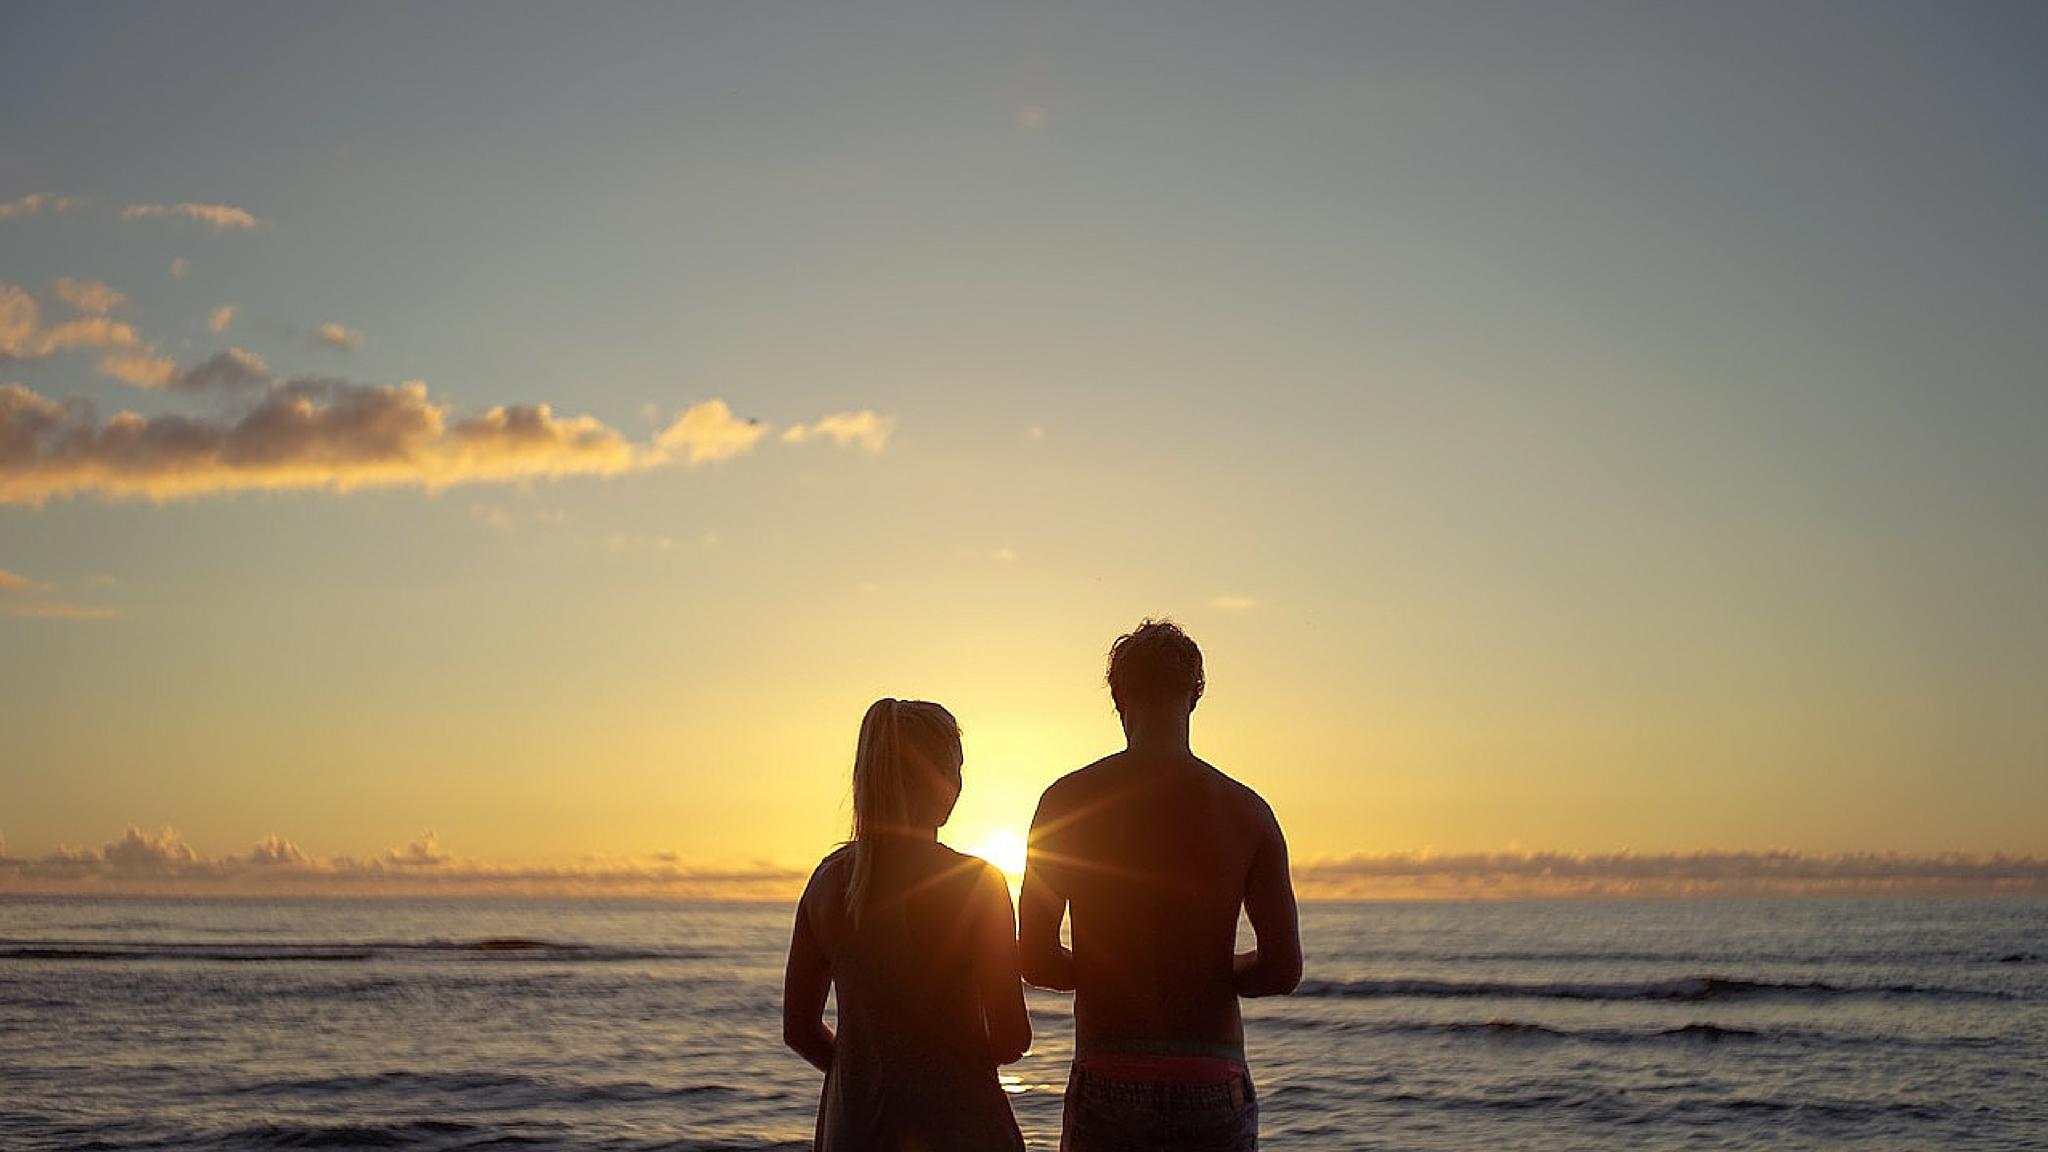 Comment aborder le sujet de la sexualité pendant les fiançailles?